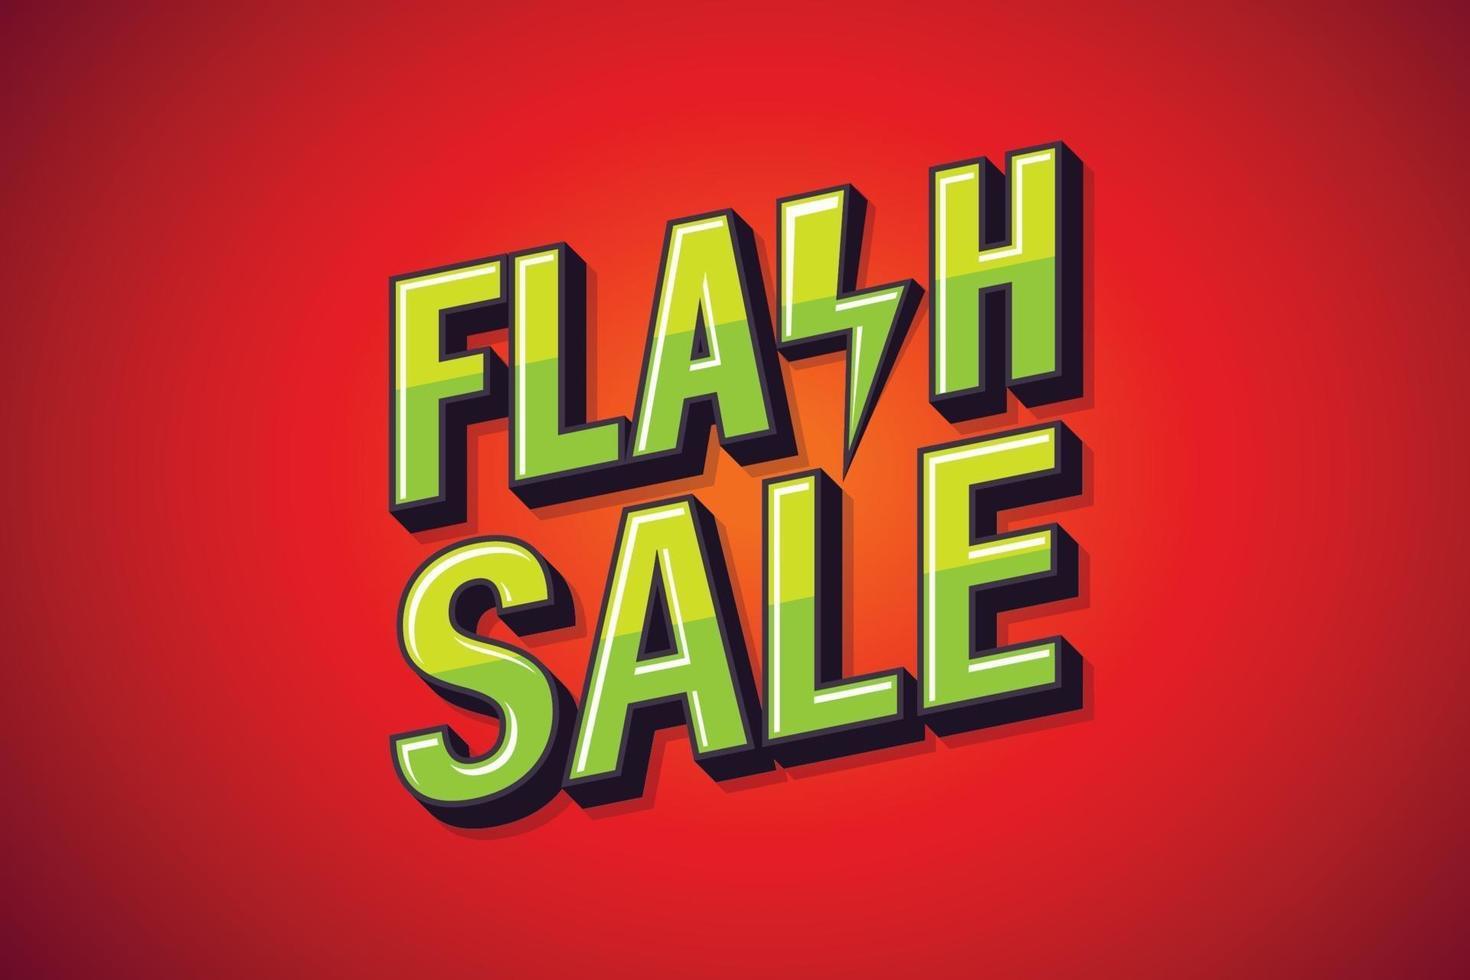 flash-verkoop, toespraak poster. tekst kunst ontwerp. online marketingontwerp. vector illustratie